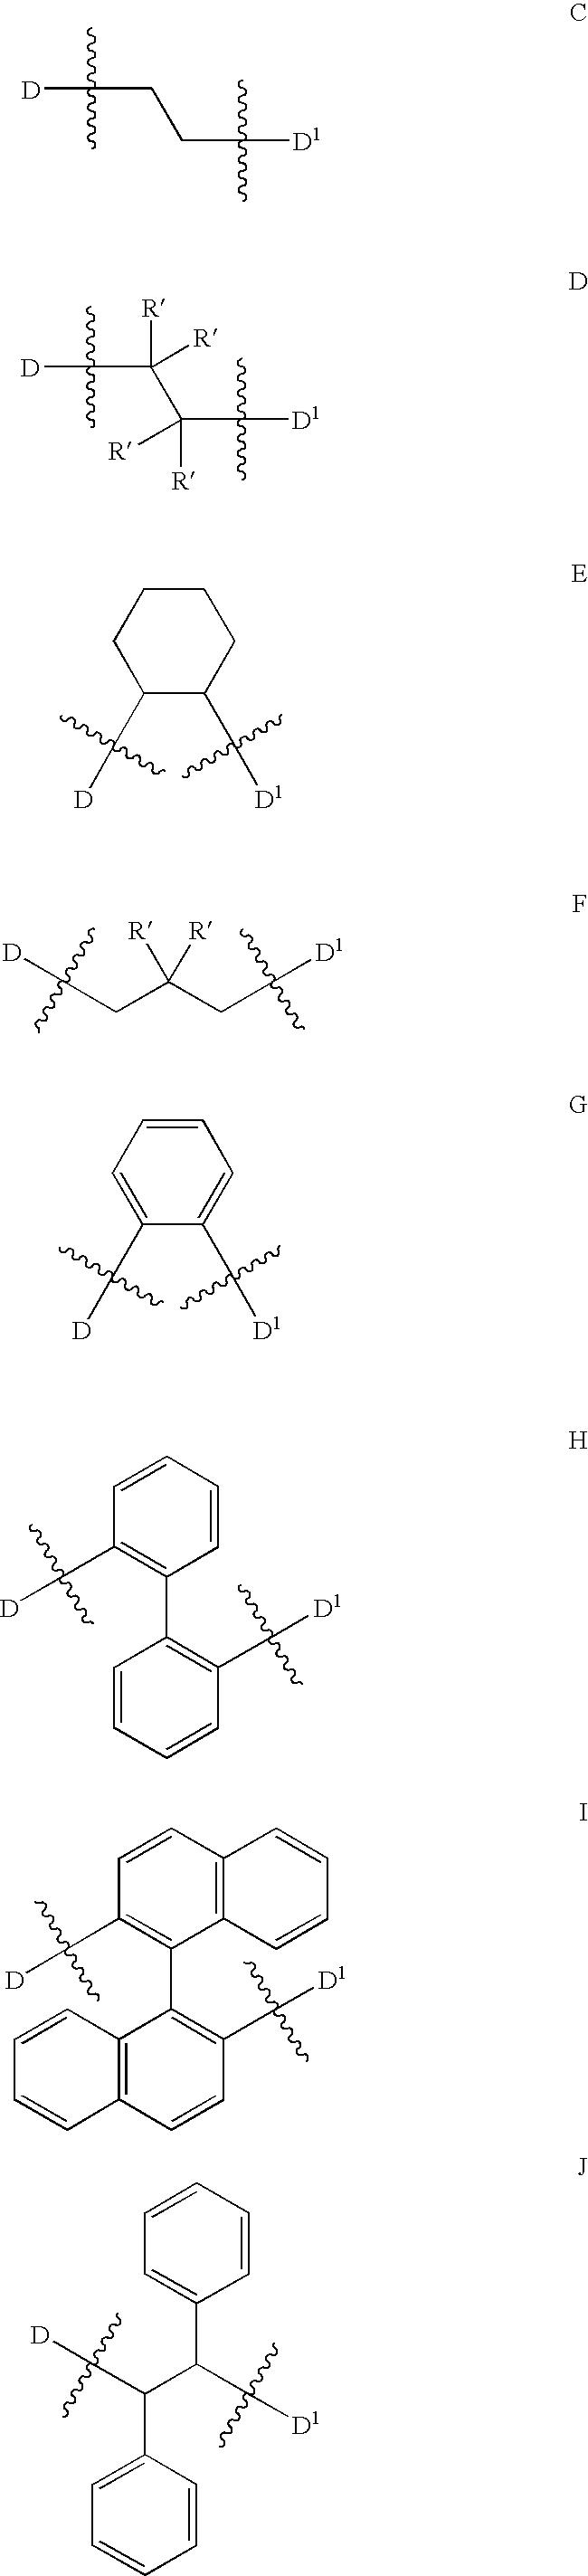 Figure US20050227860A1-20051013-C00008